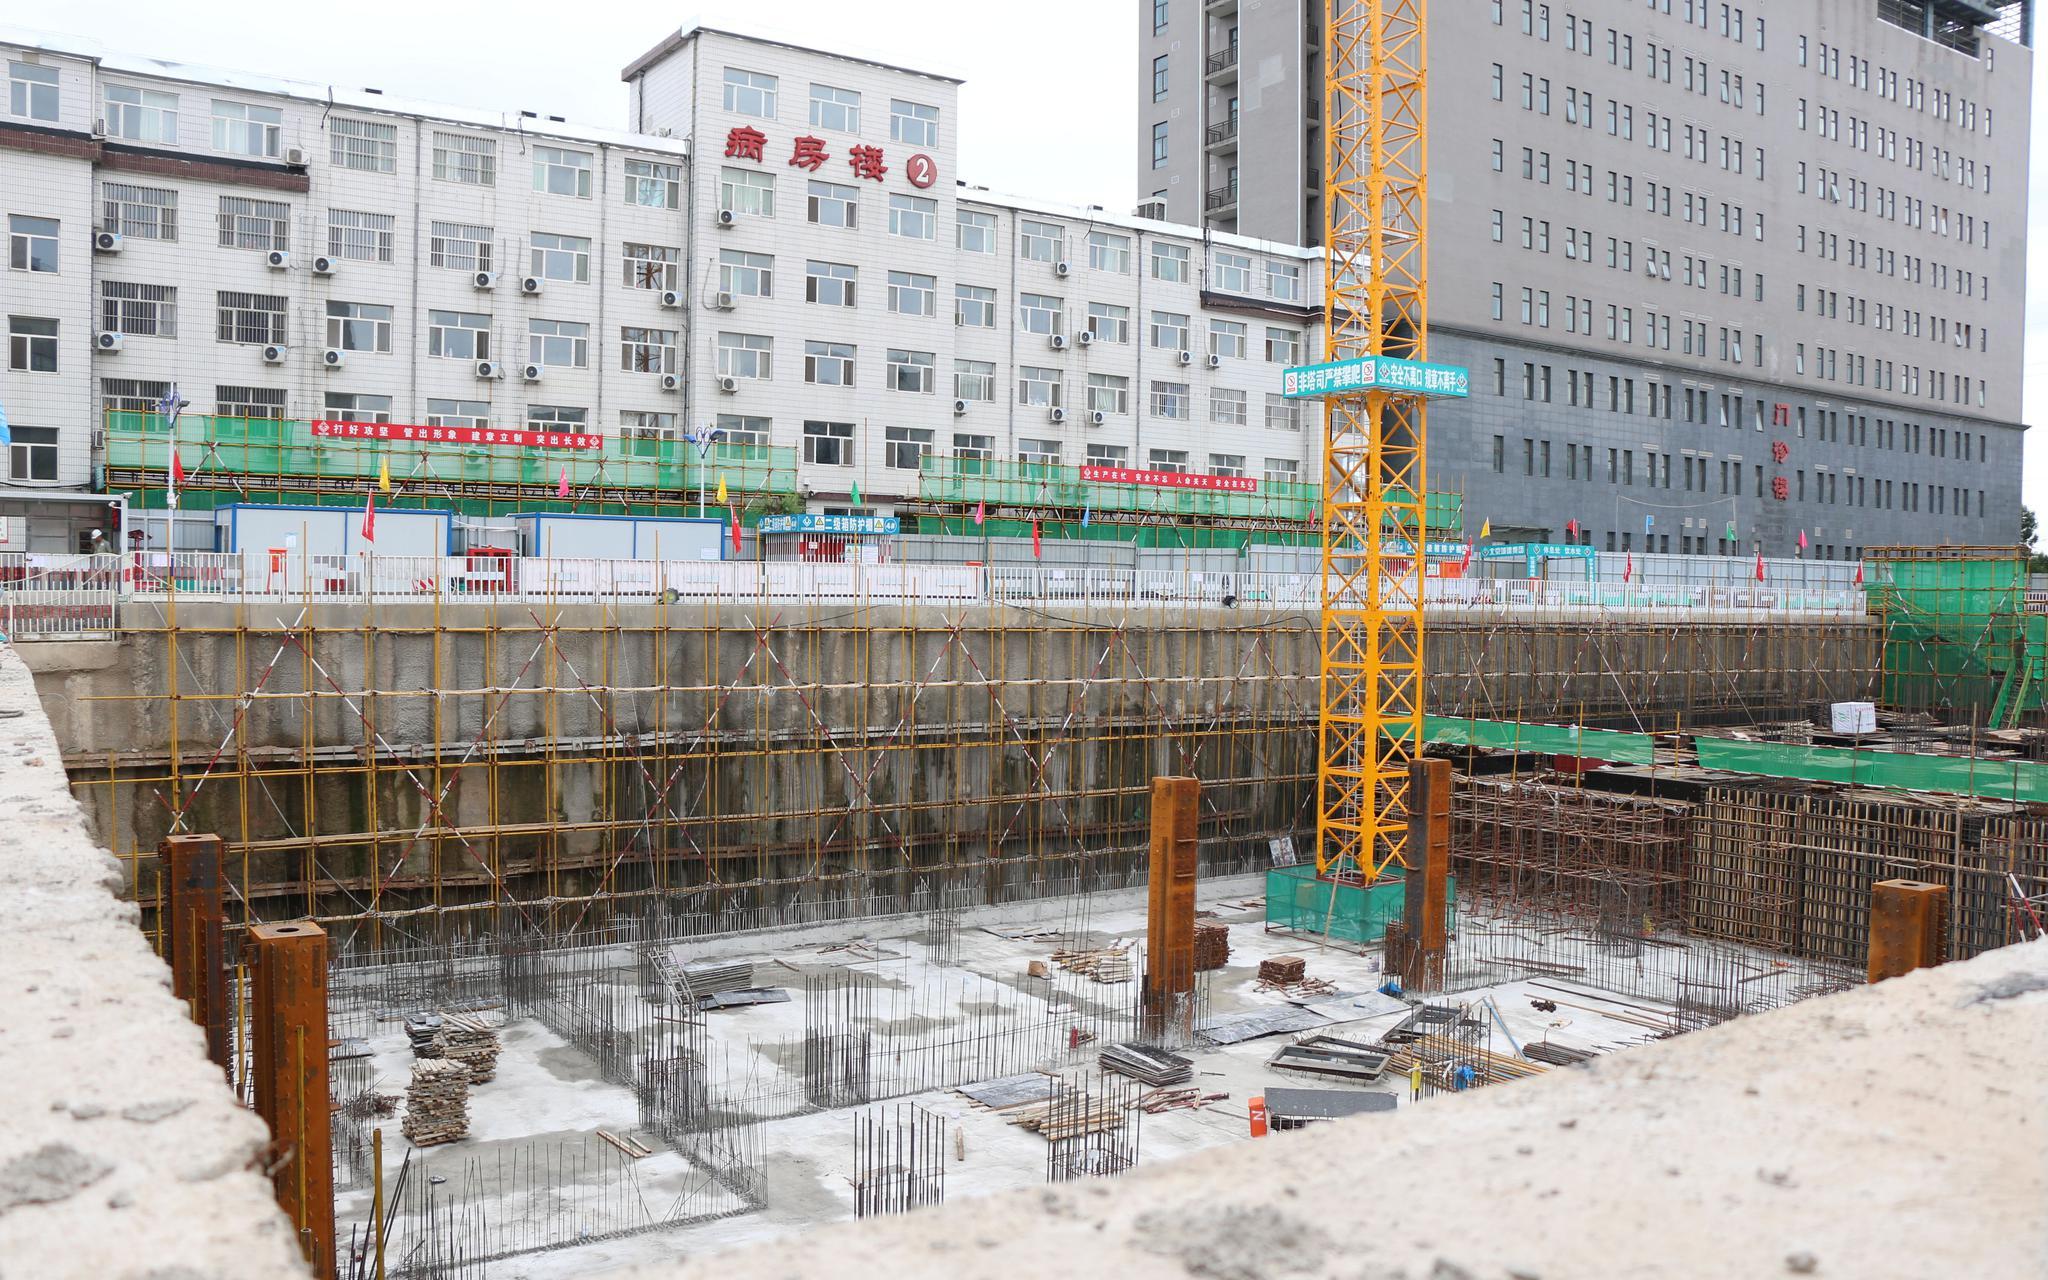 海航鹏程网 昌平区中西医结合医院住院楼明年完工 产科床位将翻倍